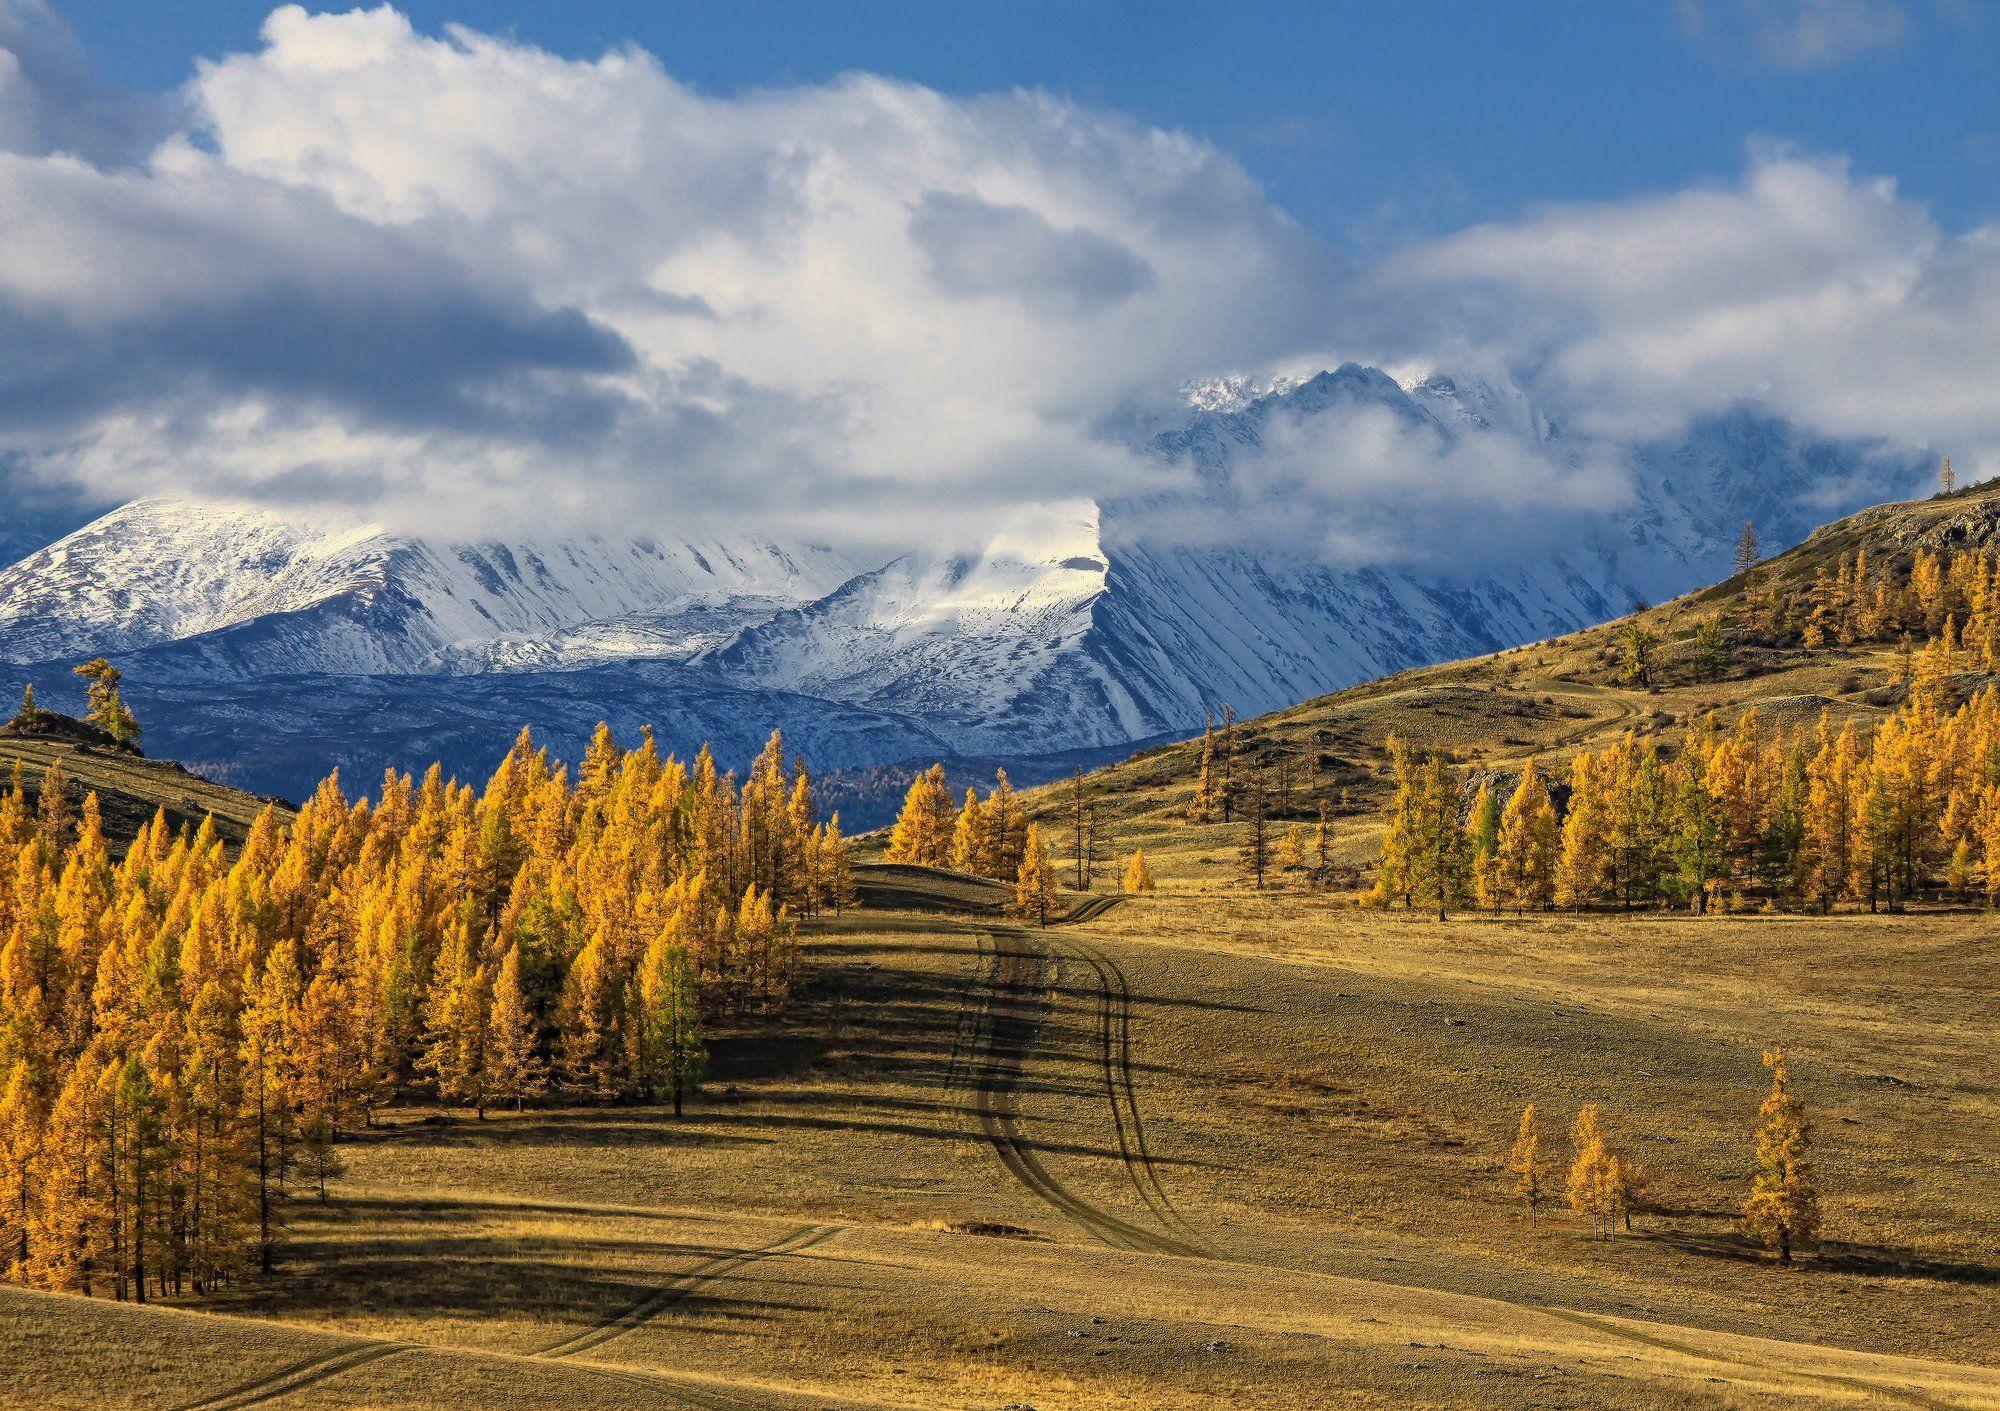 алтай, горный алтай, курай, осень, горы, северо-чуйский хребет, Галина Хвостенко